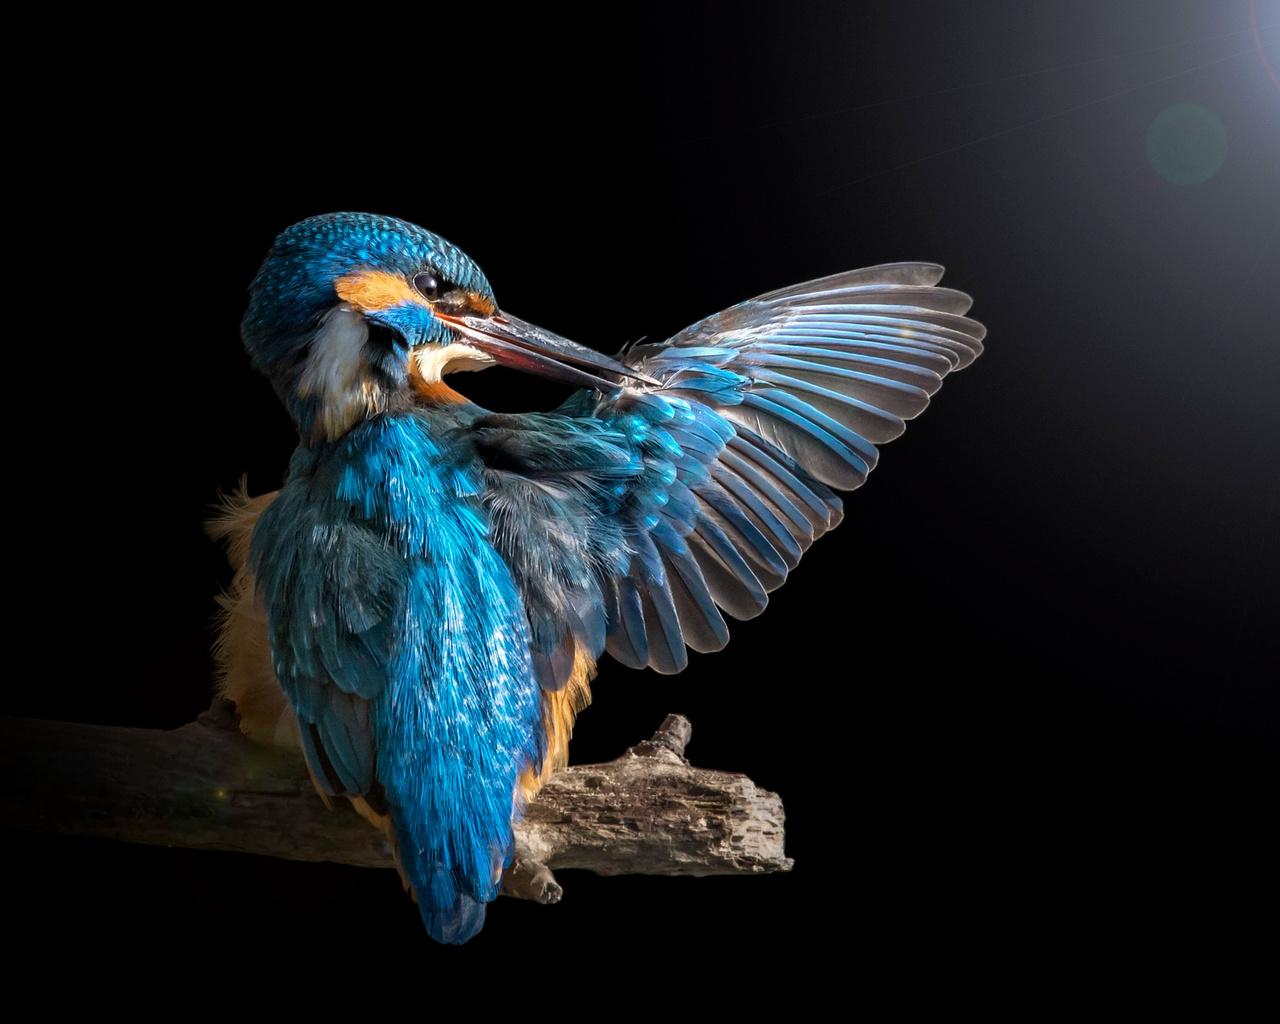 птицы мира, птица, зимородок, крыло, ветка, свет, блик